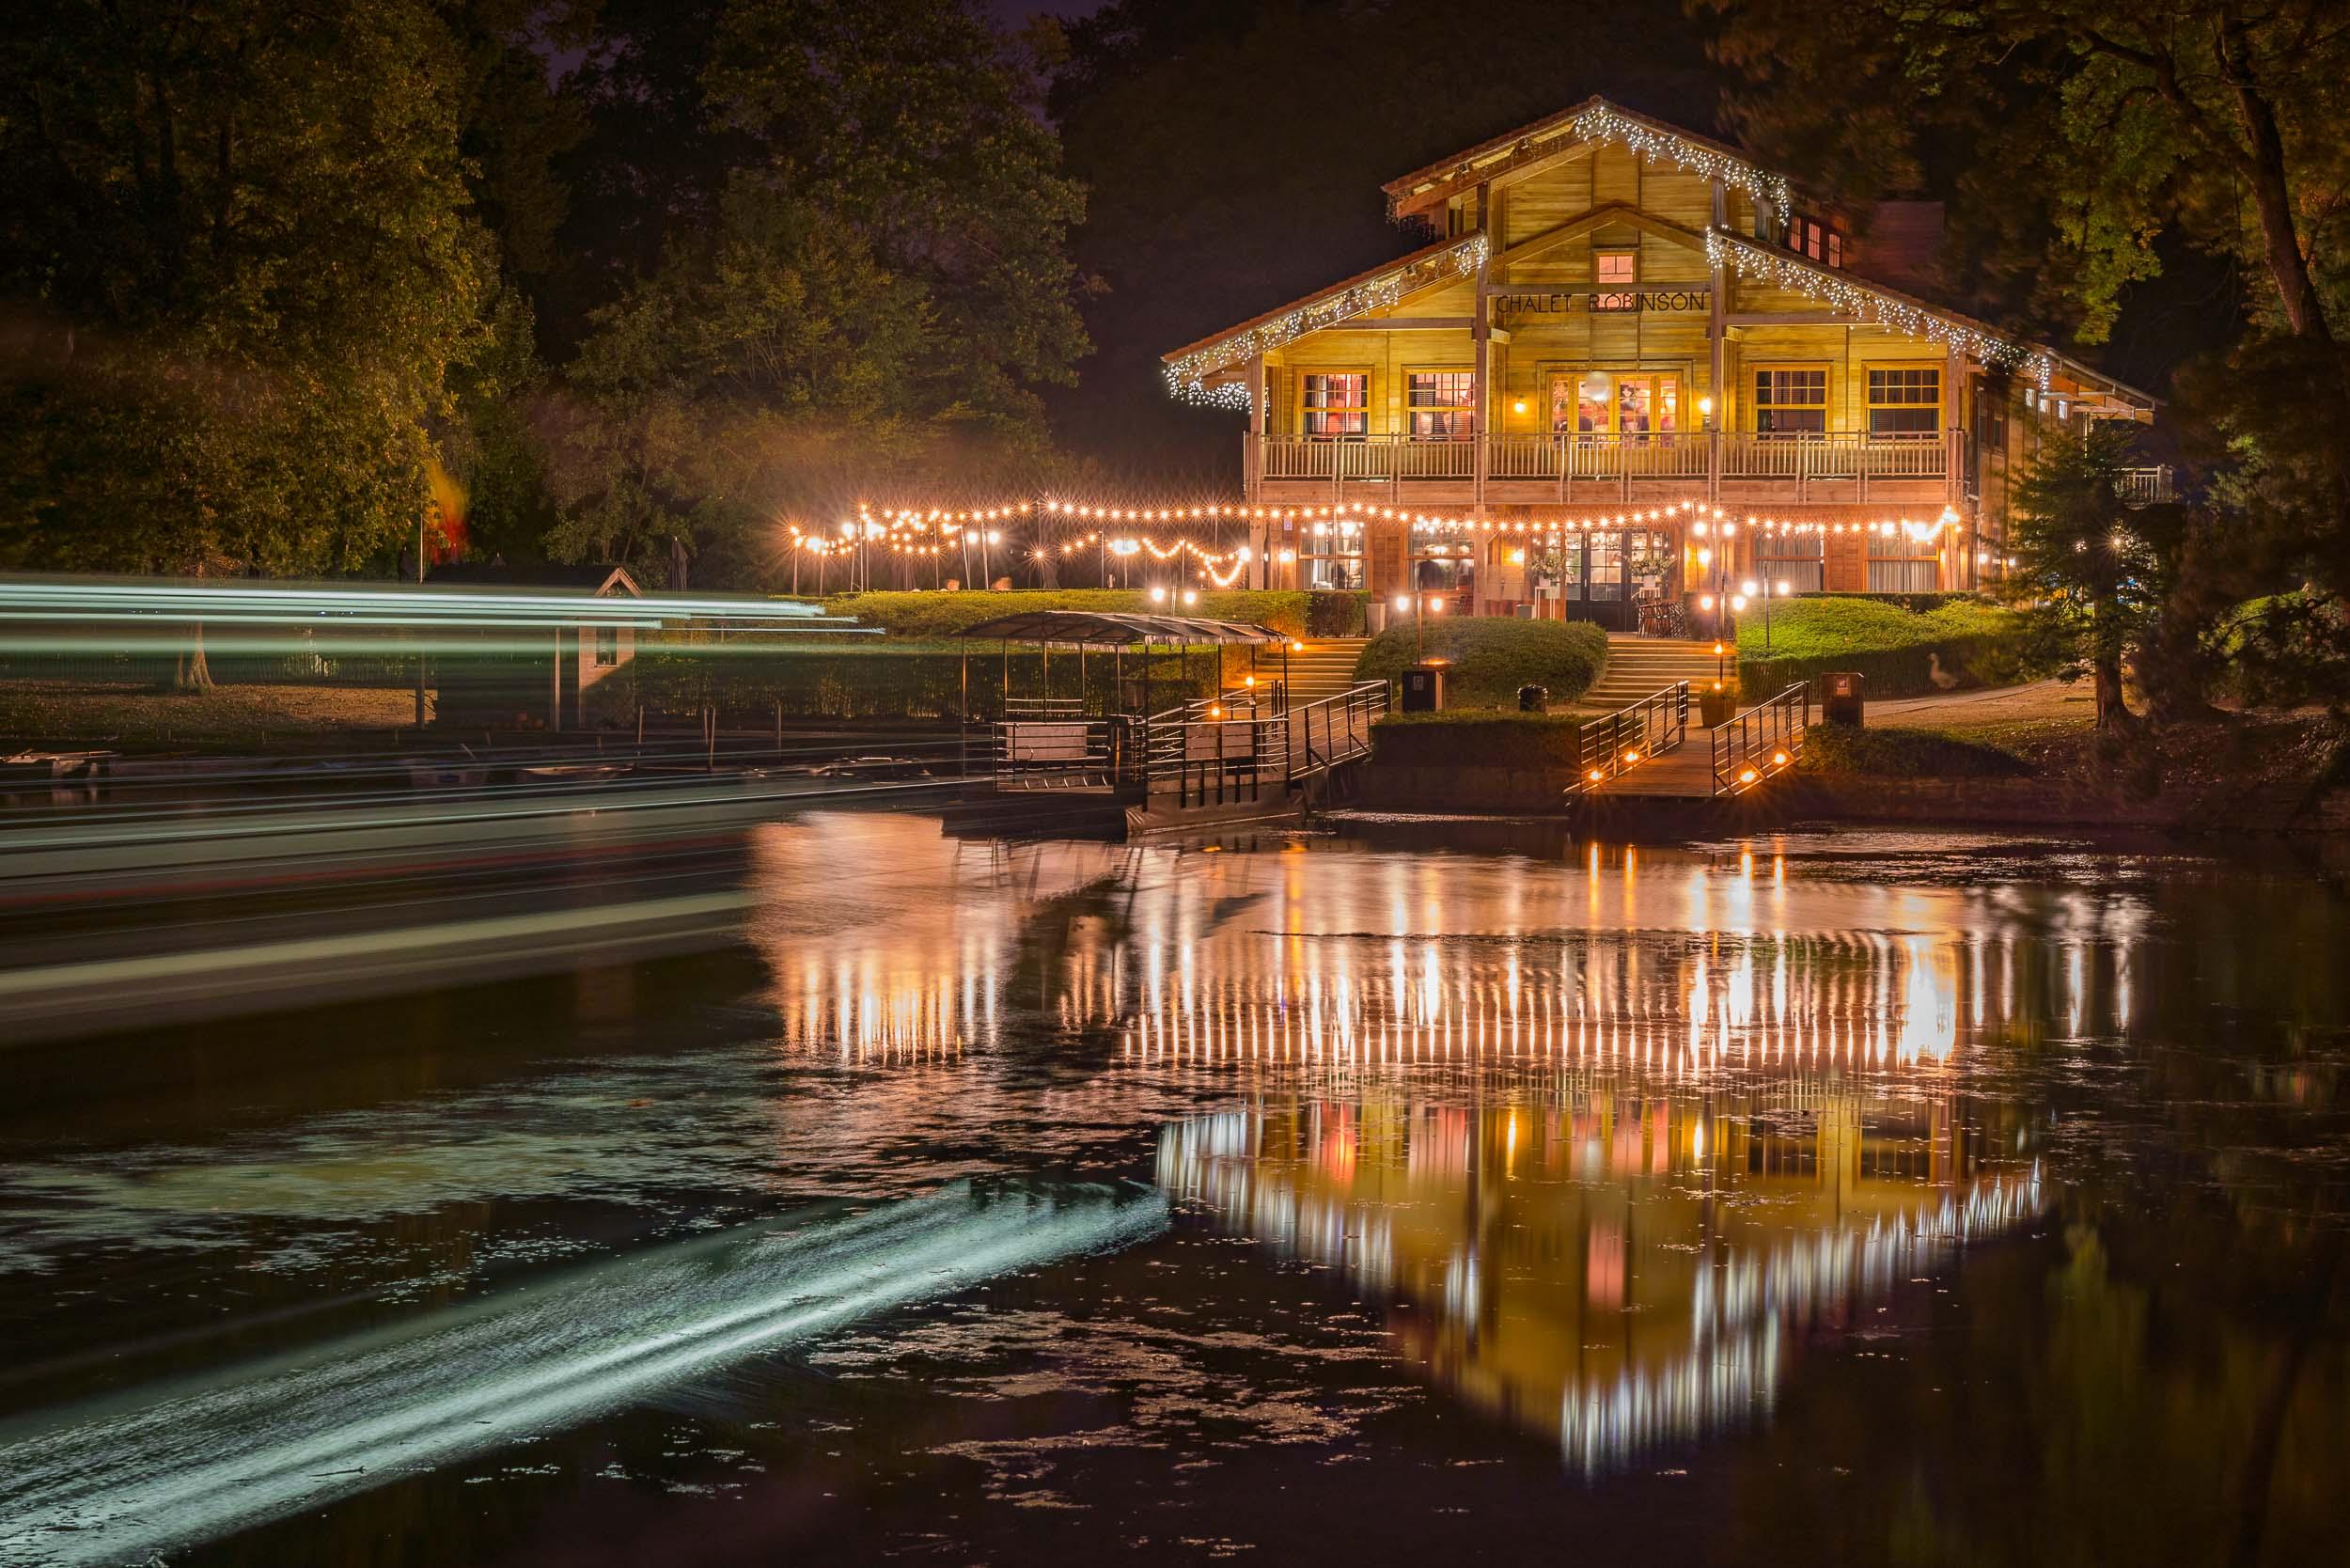 Photographie de nuit du Chalet Robinson